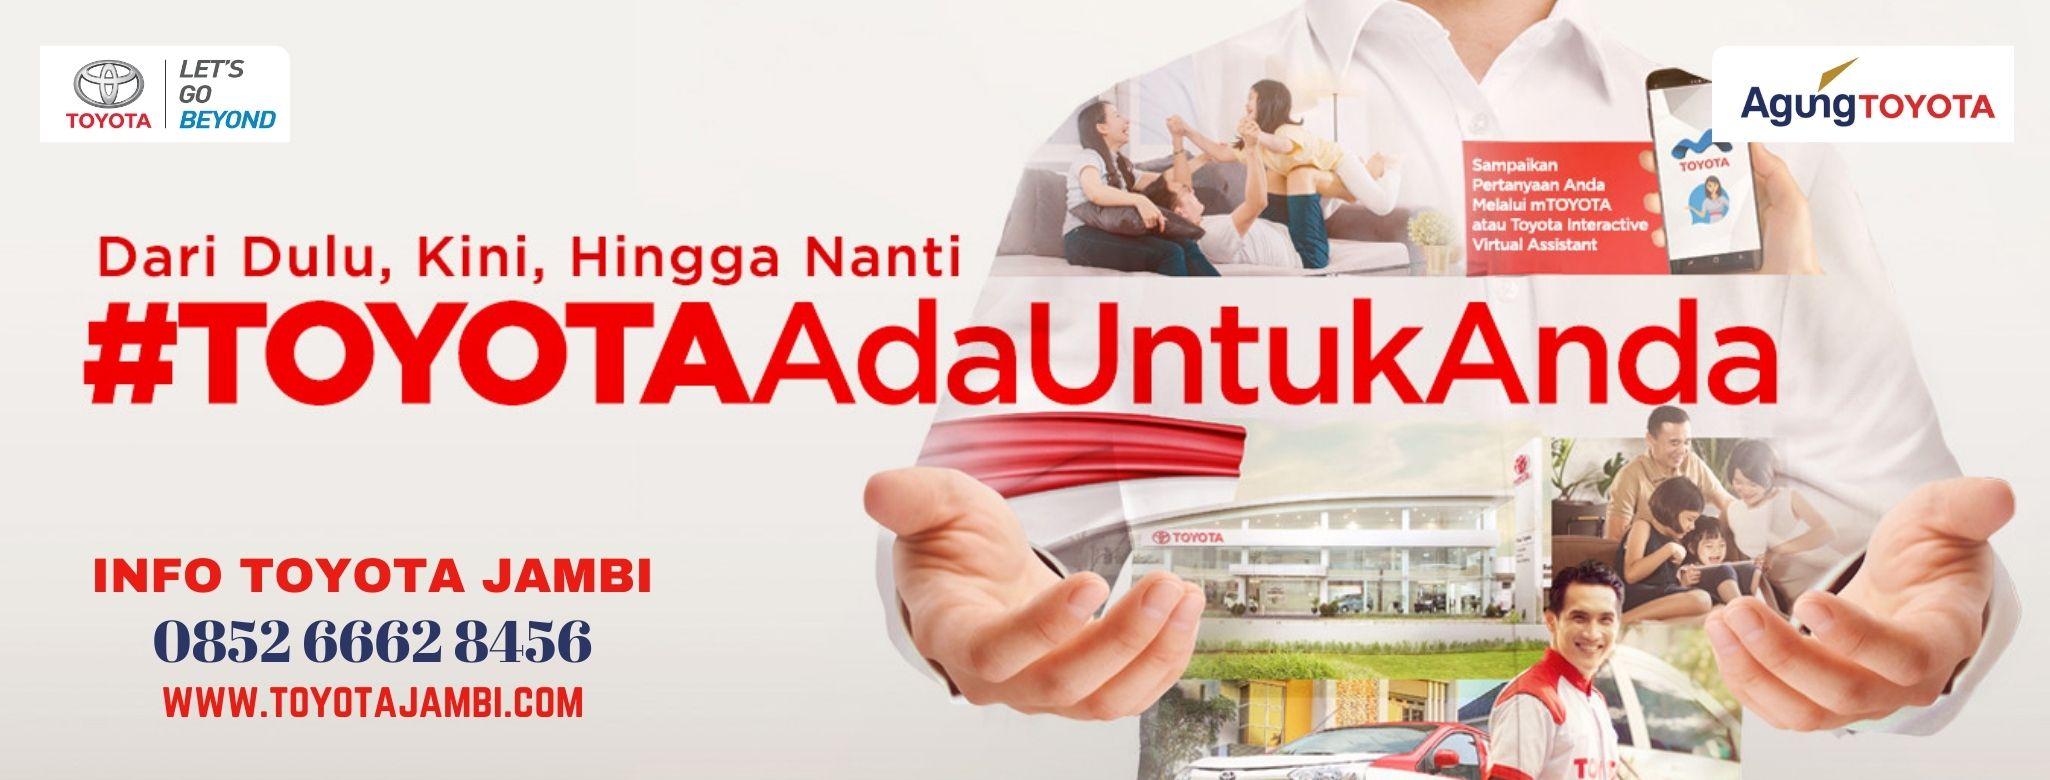 Promo Kemerdekaan Toyota Jambi Agustus 2020